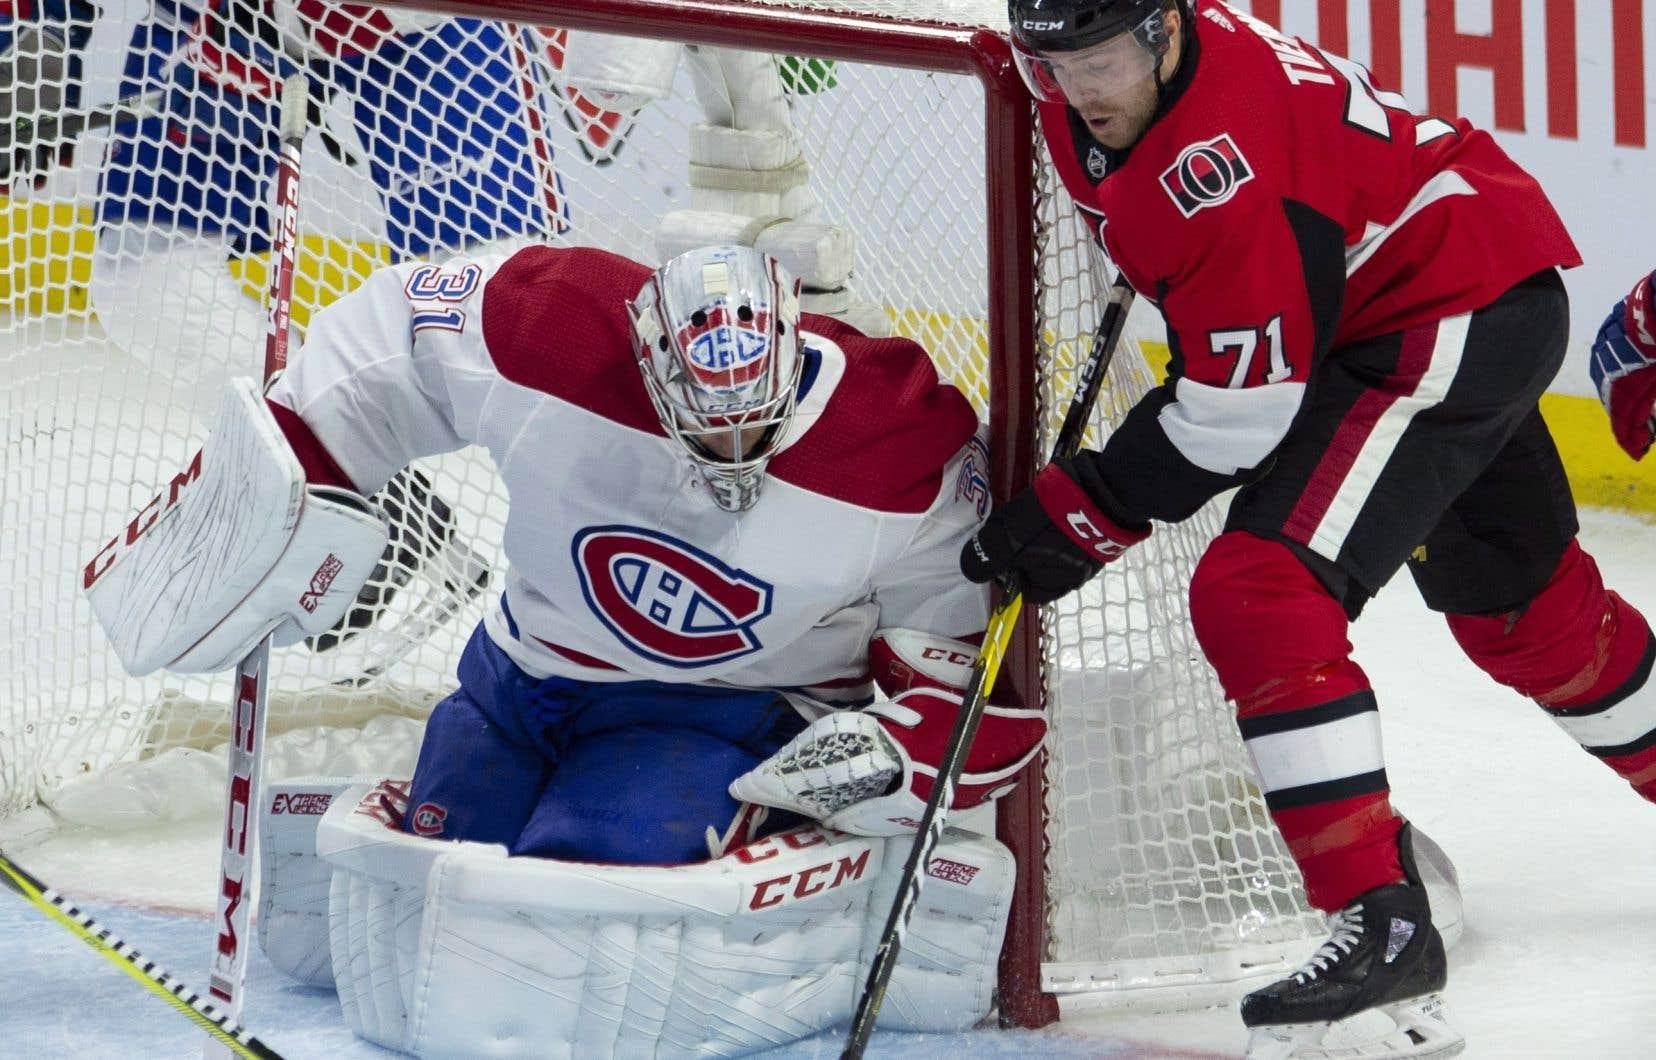 Carey Price a effectué 30 arrêts, mais est resté coincé à 288 victoires en carrière — une de moins que Patrick Roy, qui occupe le deuxième rang dans l'histoire du Canadien.